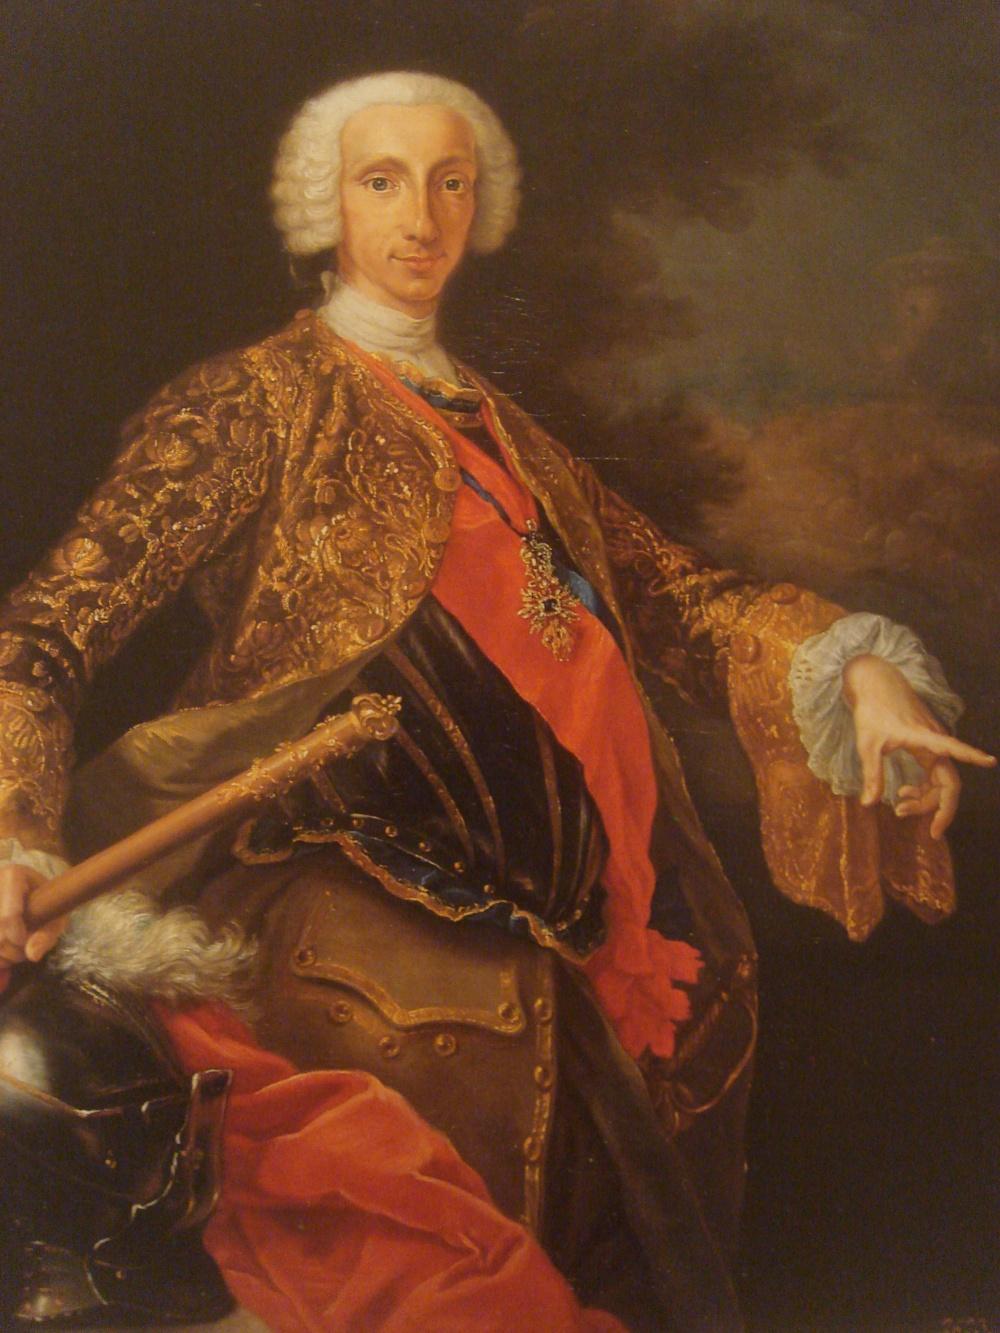 Guiseppe Bonito.Carlos III como rey de Nápoles. 1740. Real Academia de Jurisprudencia y Legislación. Madrid.